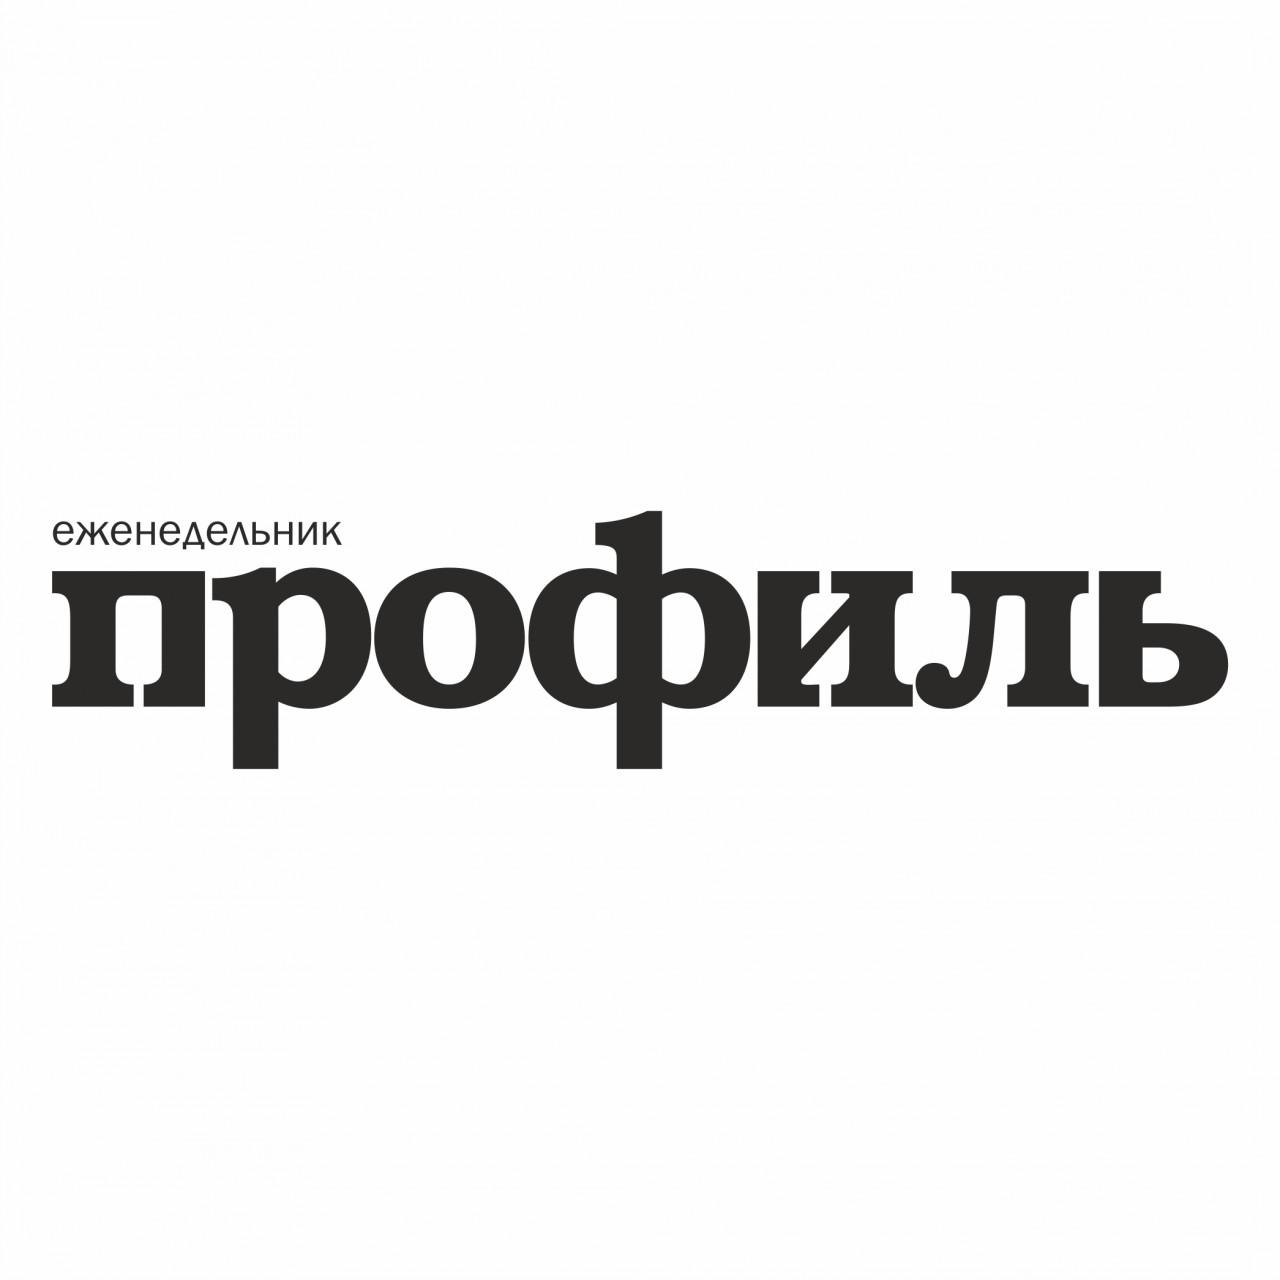 За три дня ФСБ нейтрализовала 12 бандитов и 14 сторонников террористов